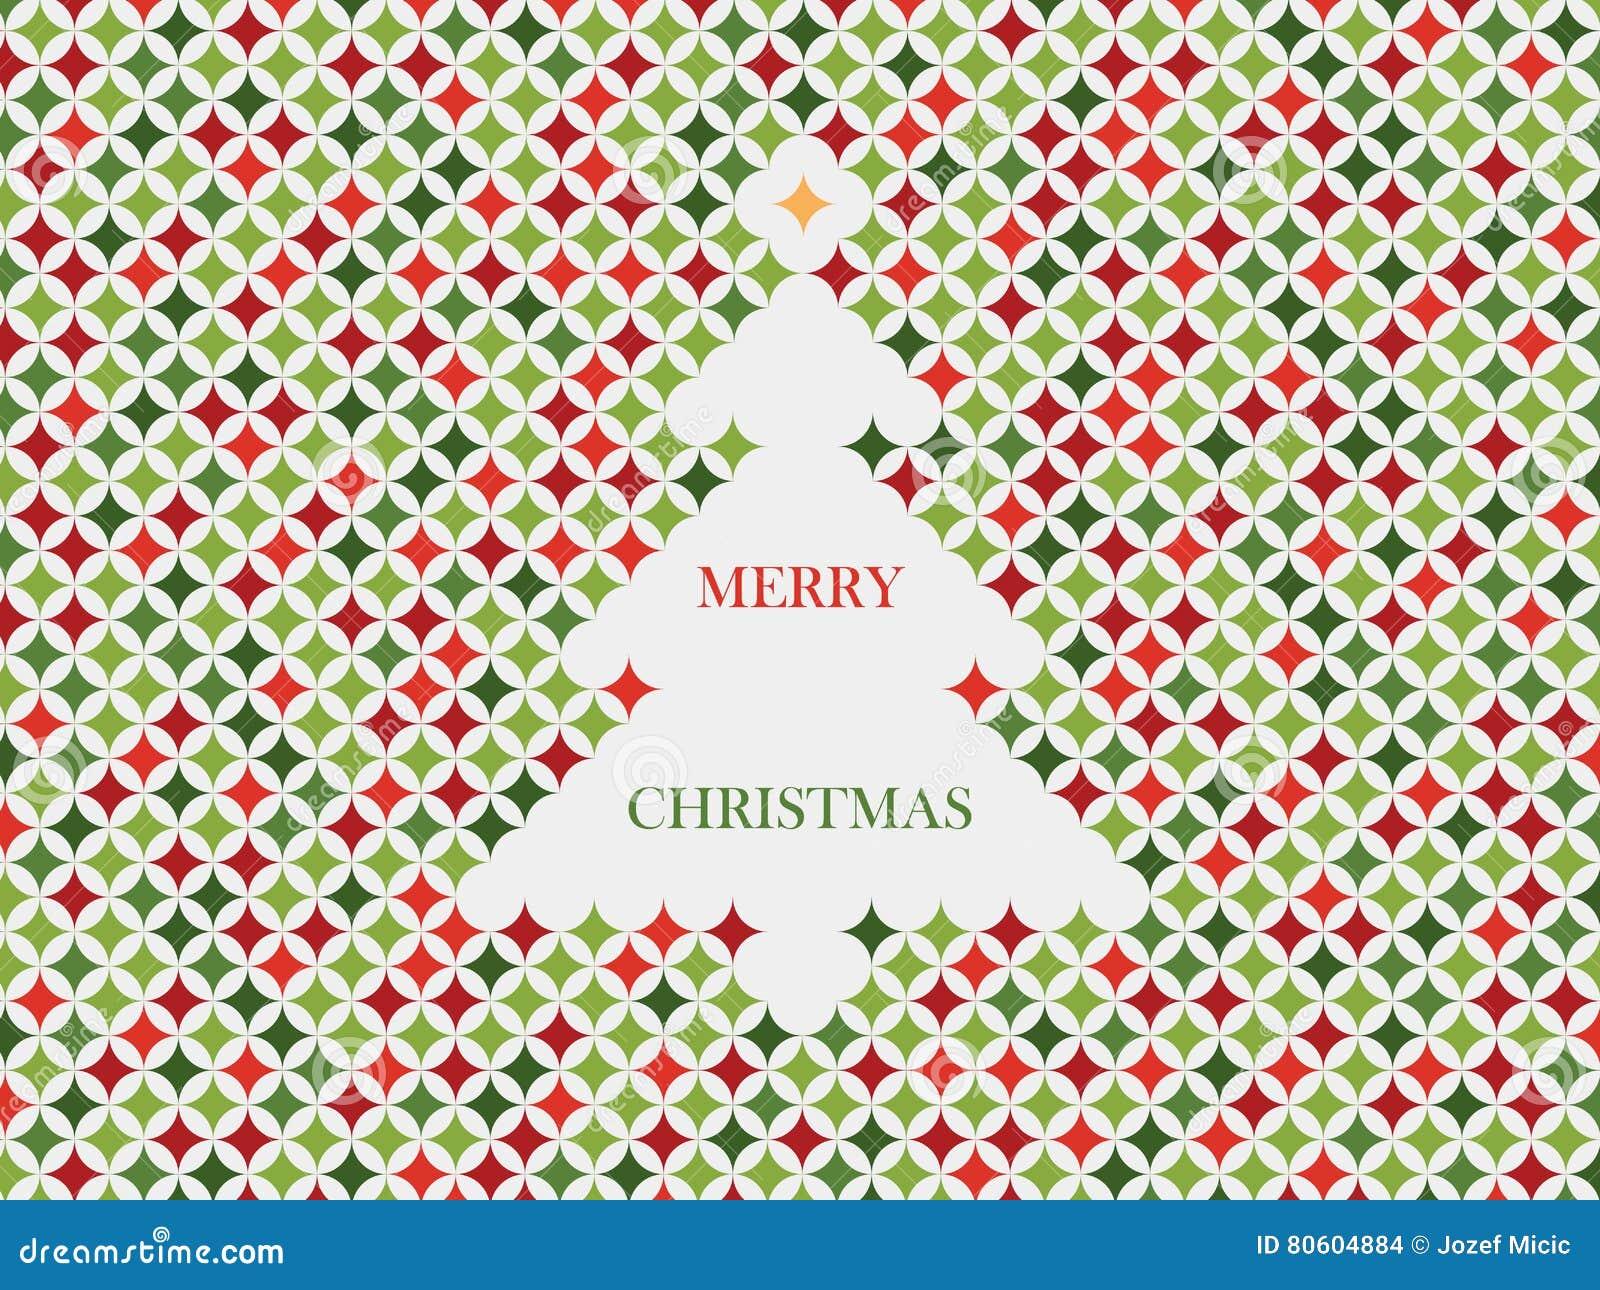 Weihnachtsgrüße Postkarte.Weihnachtsbaum Kartenschablone Mit Sternchen Vereinbarung